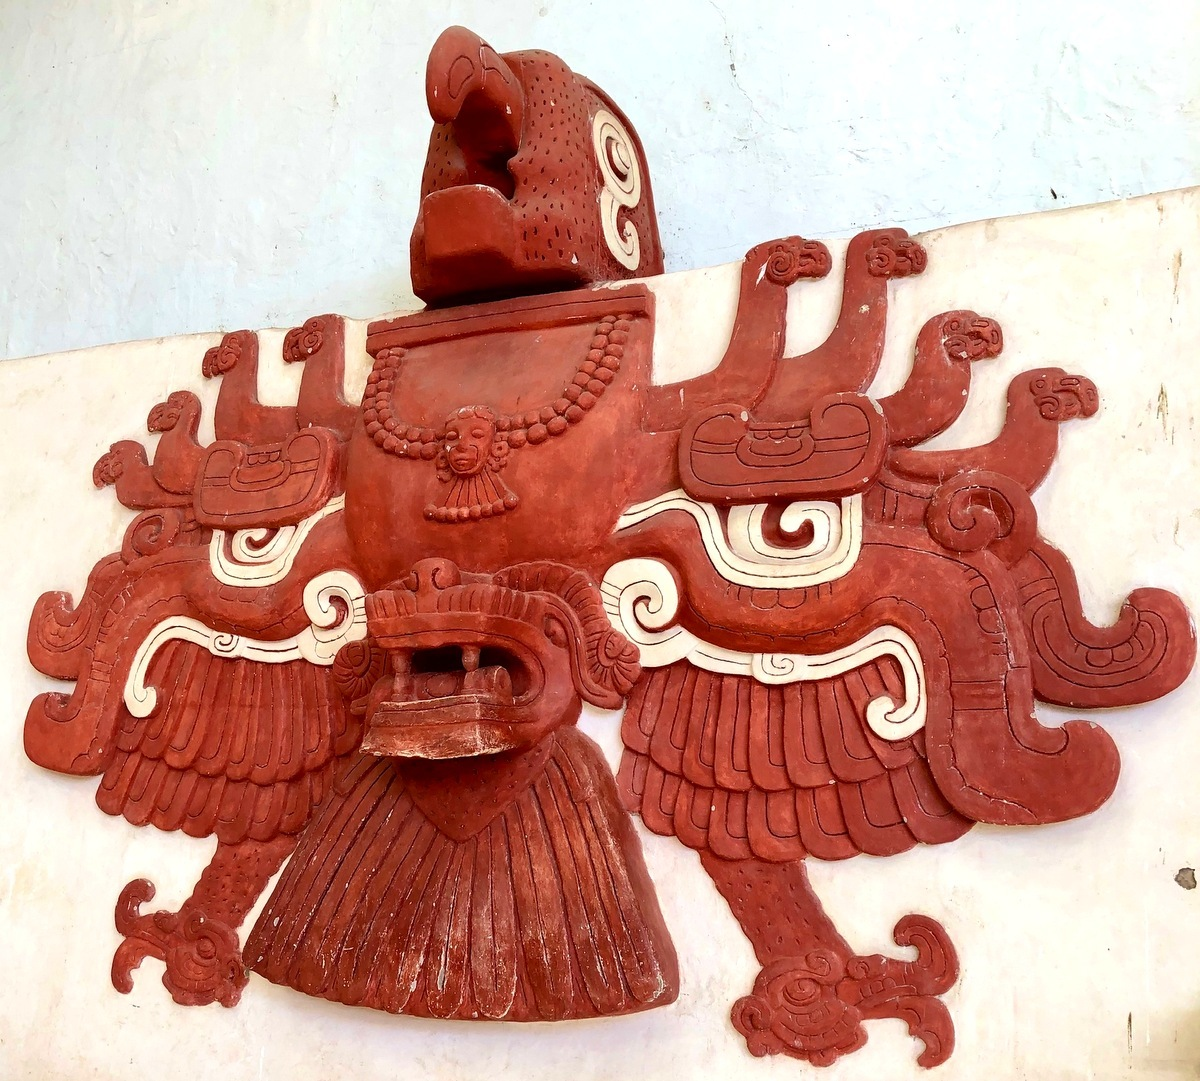 古代マヤ文明の遺跡 コパン遺跡@ホンジュラス_a0092659_11410540.jpg